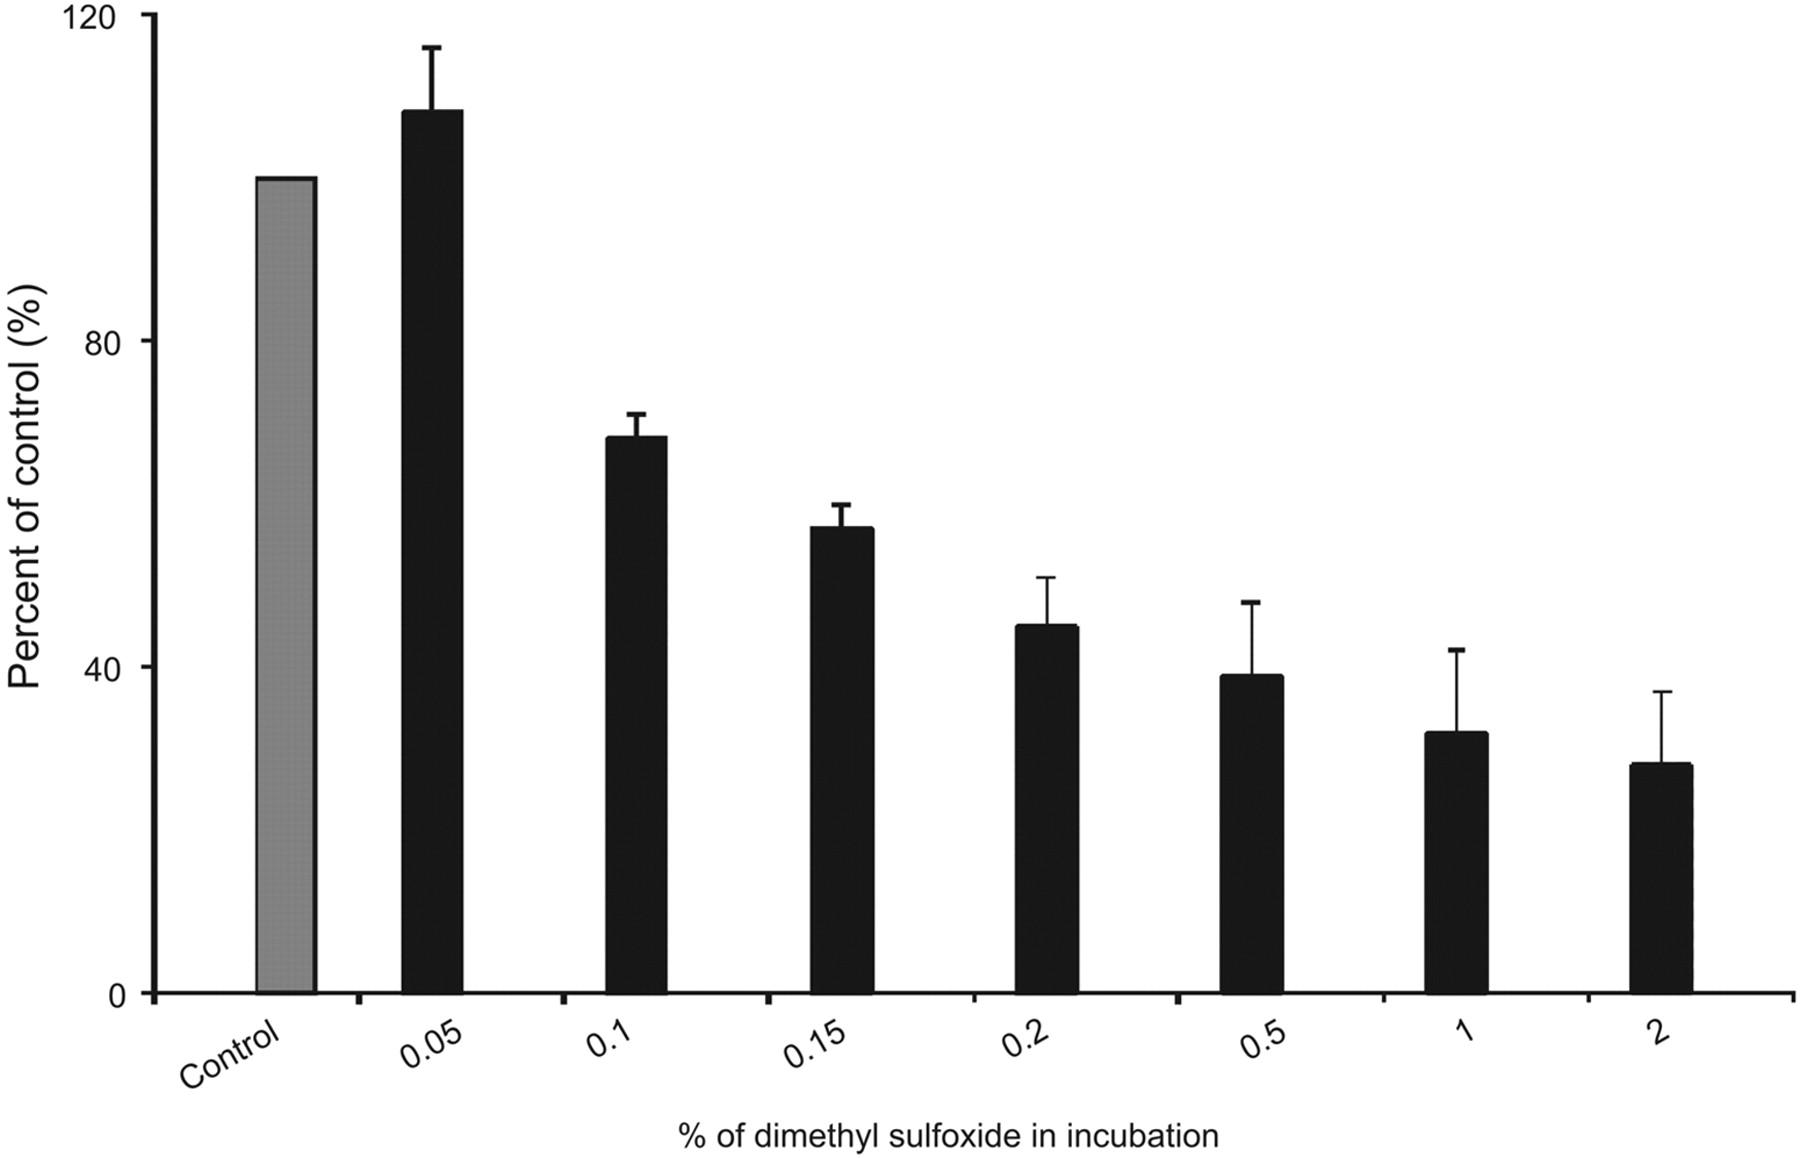 Effect of Dimethyl Sulfoxide on In Vitro Cytochrome P4501A2